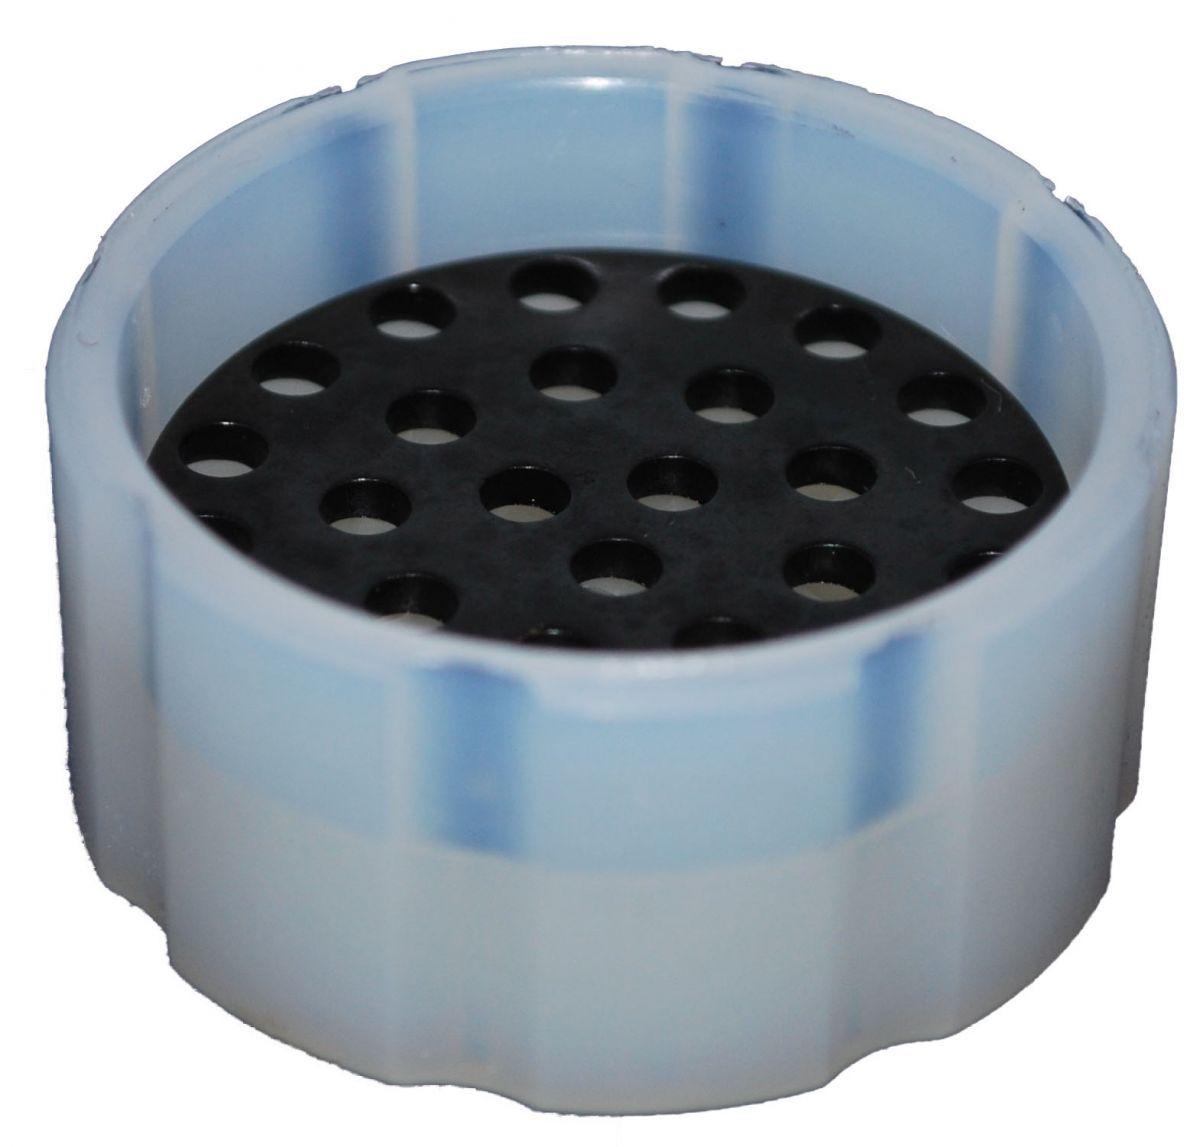 von arx 45b naaldenhouder 3mm standaard